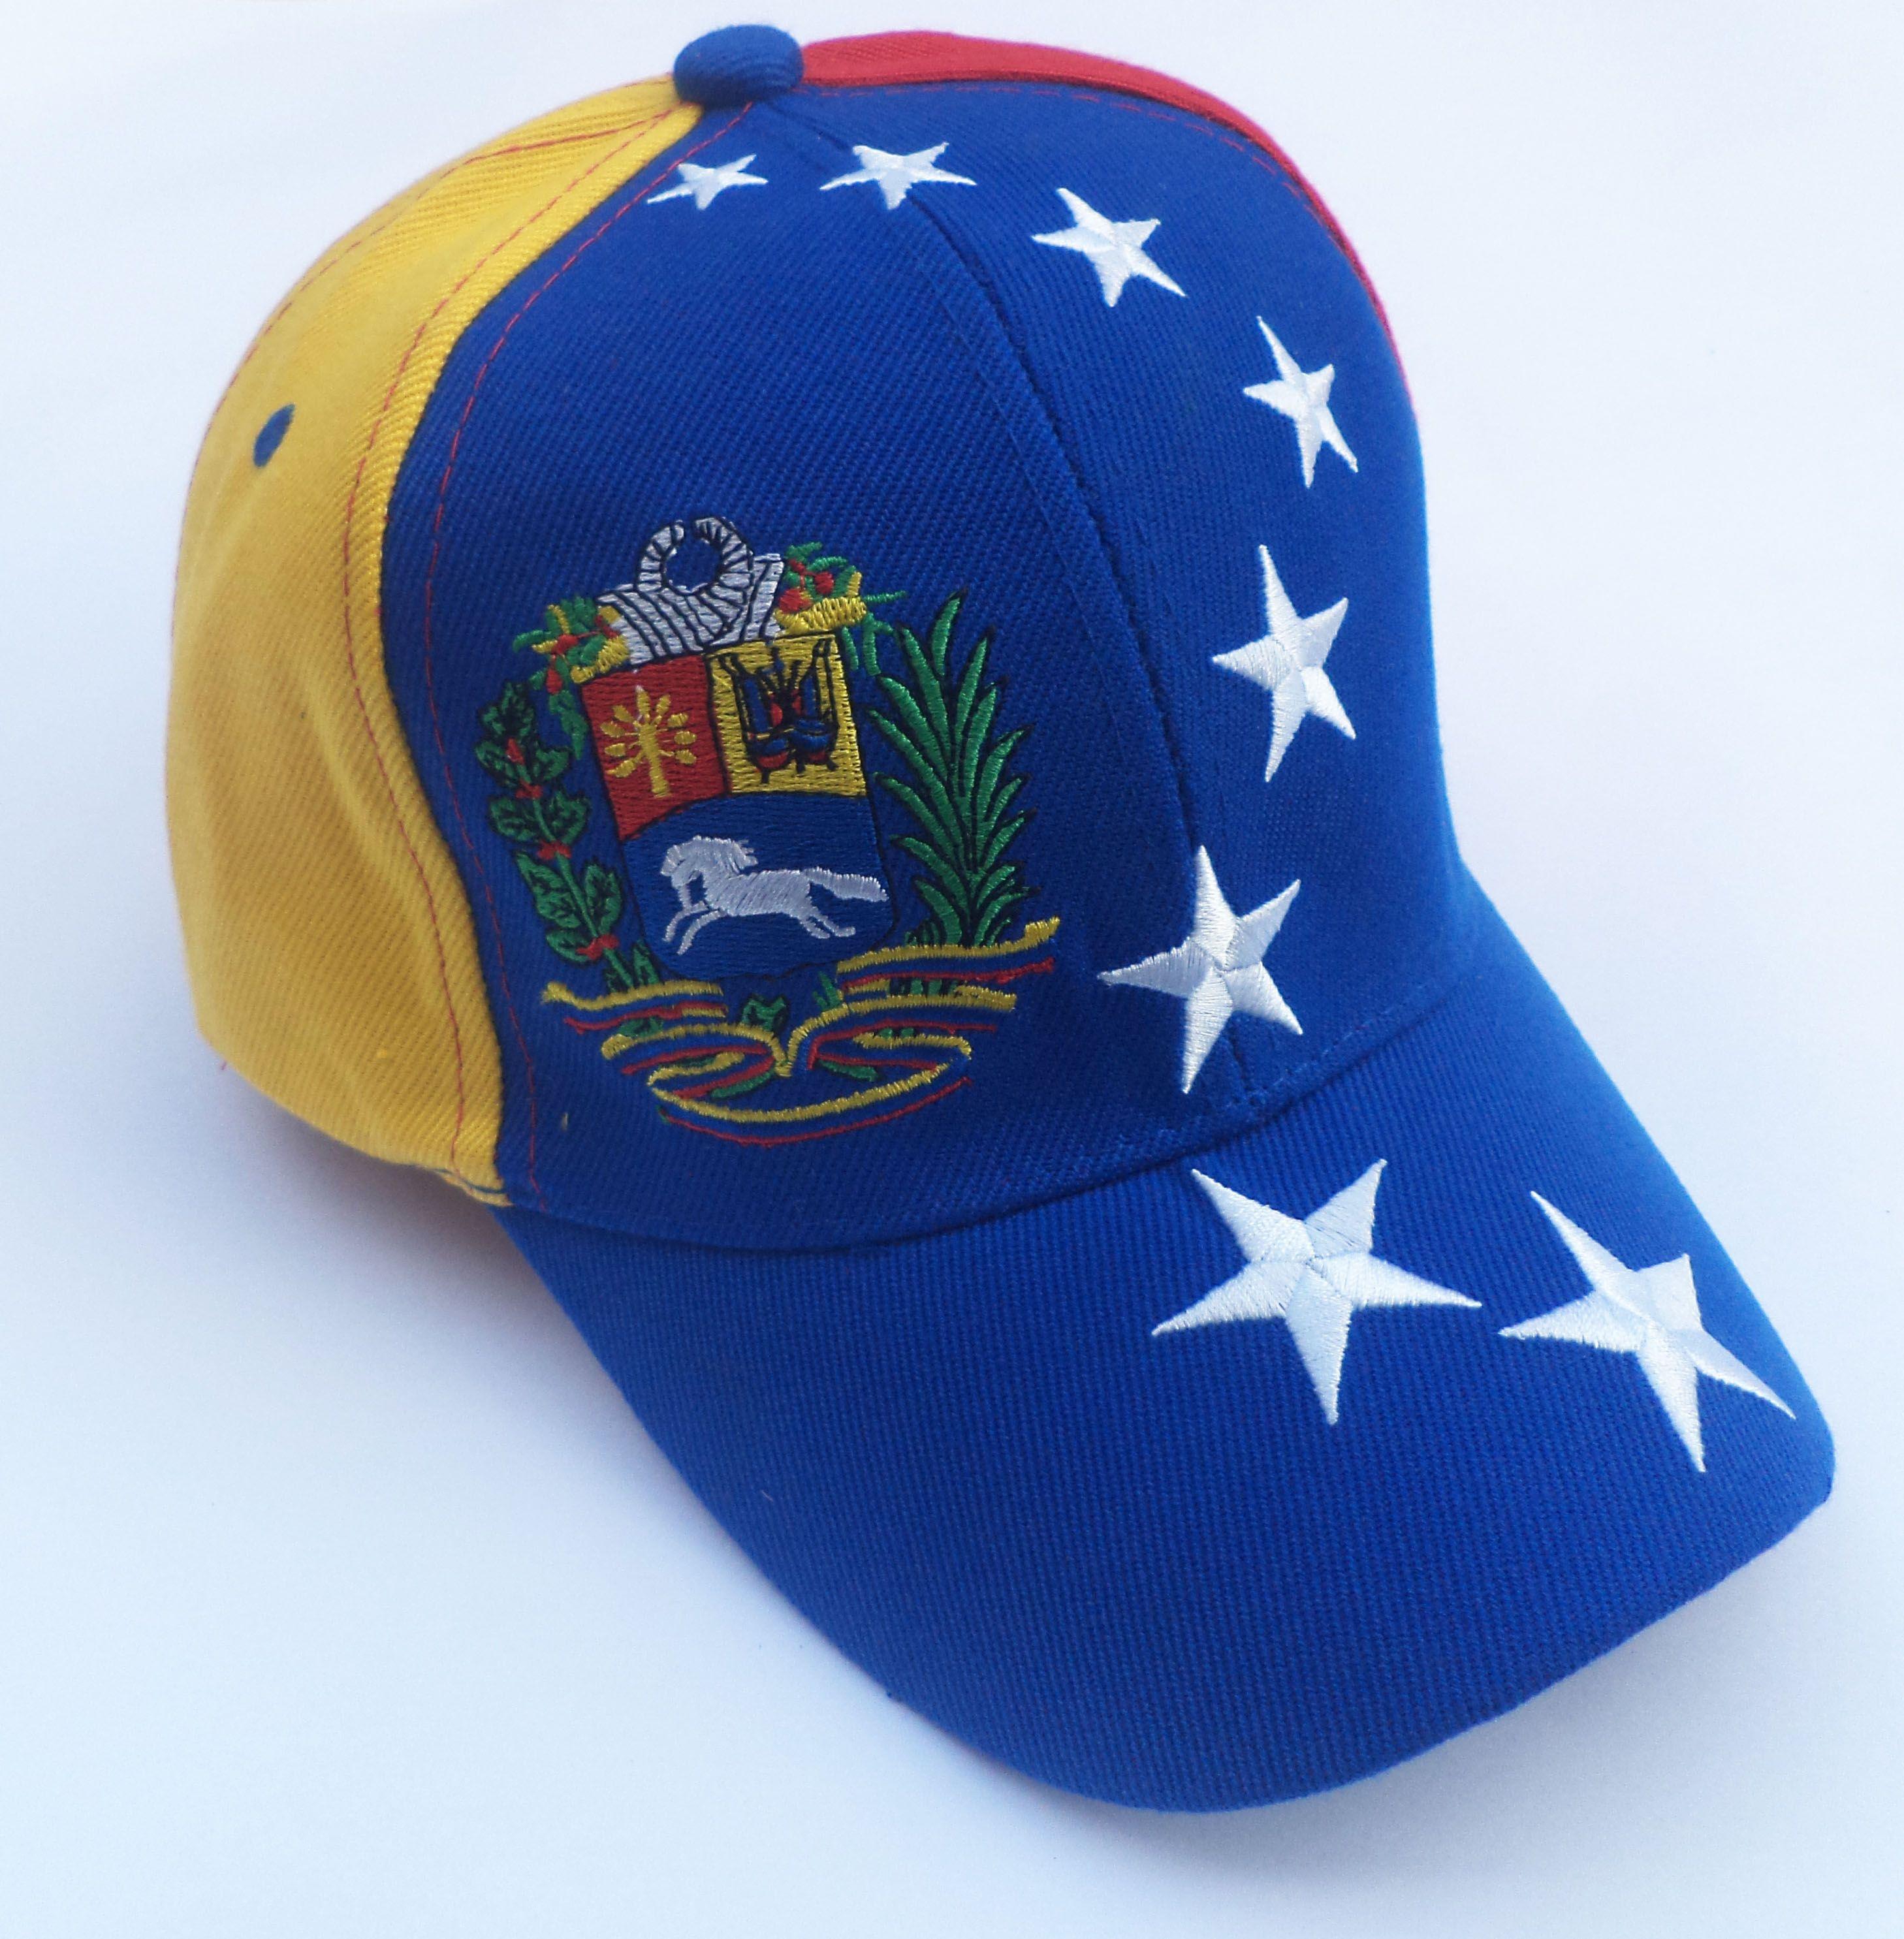 Gorra Venezuela ahora con nuevo diseño 5f4494ea369